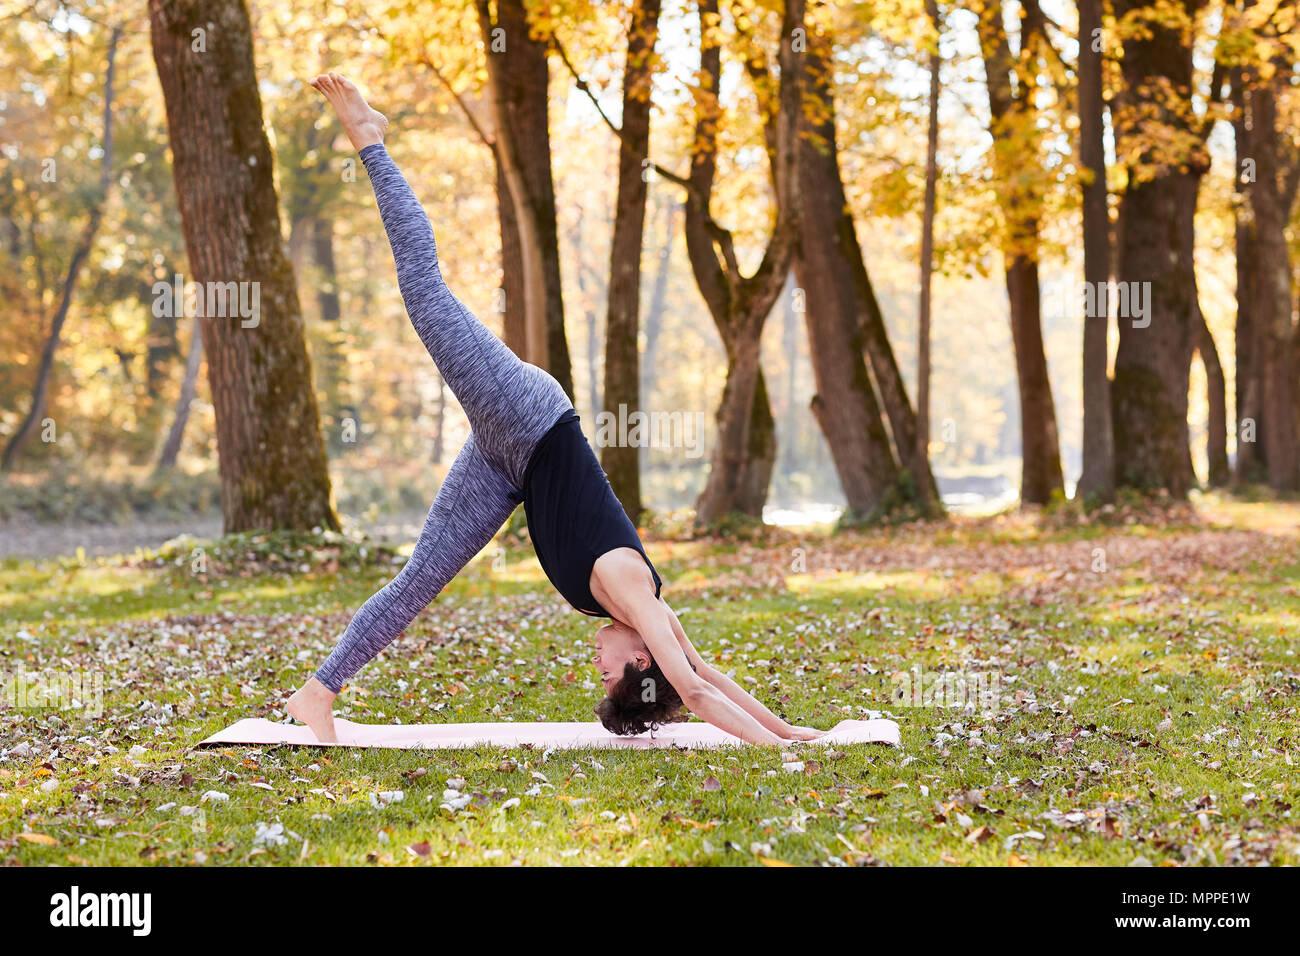 Mitte der erwachsenen Frau im Wald Üben Yoga in den nach unten schauenden Hund Position Stockbild